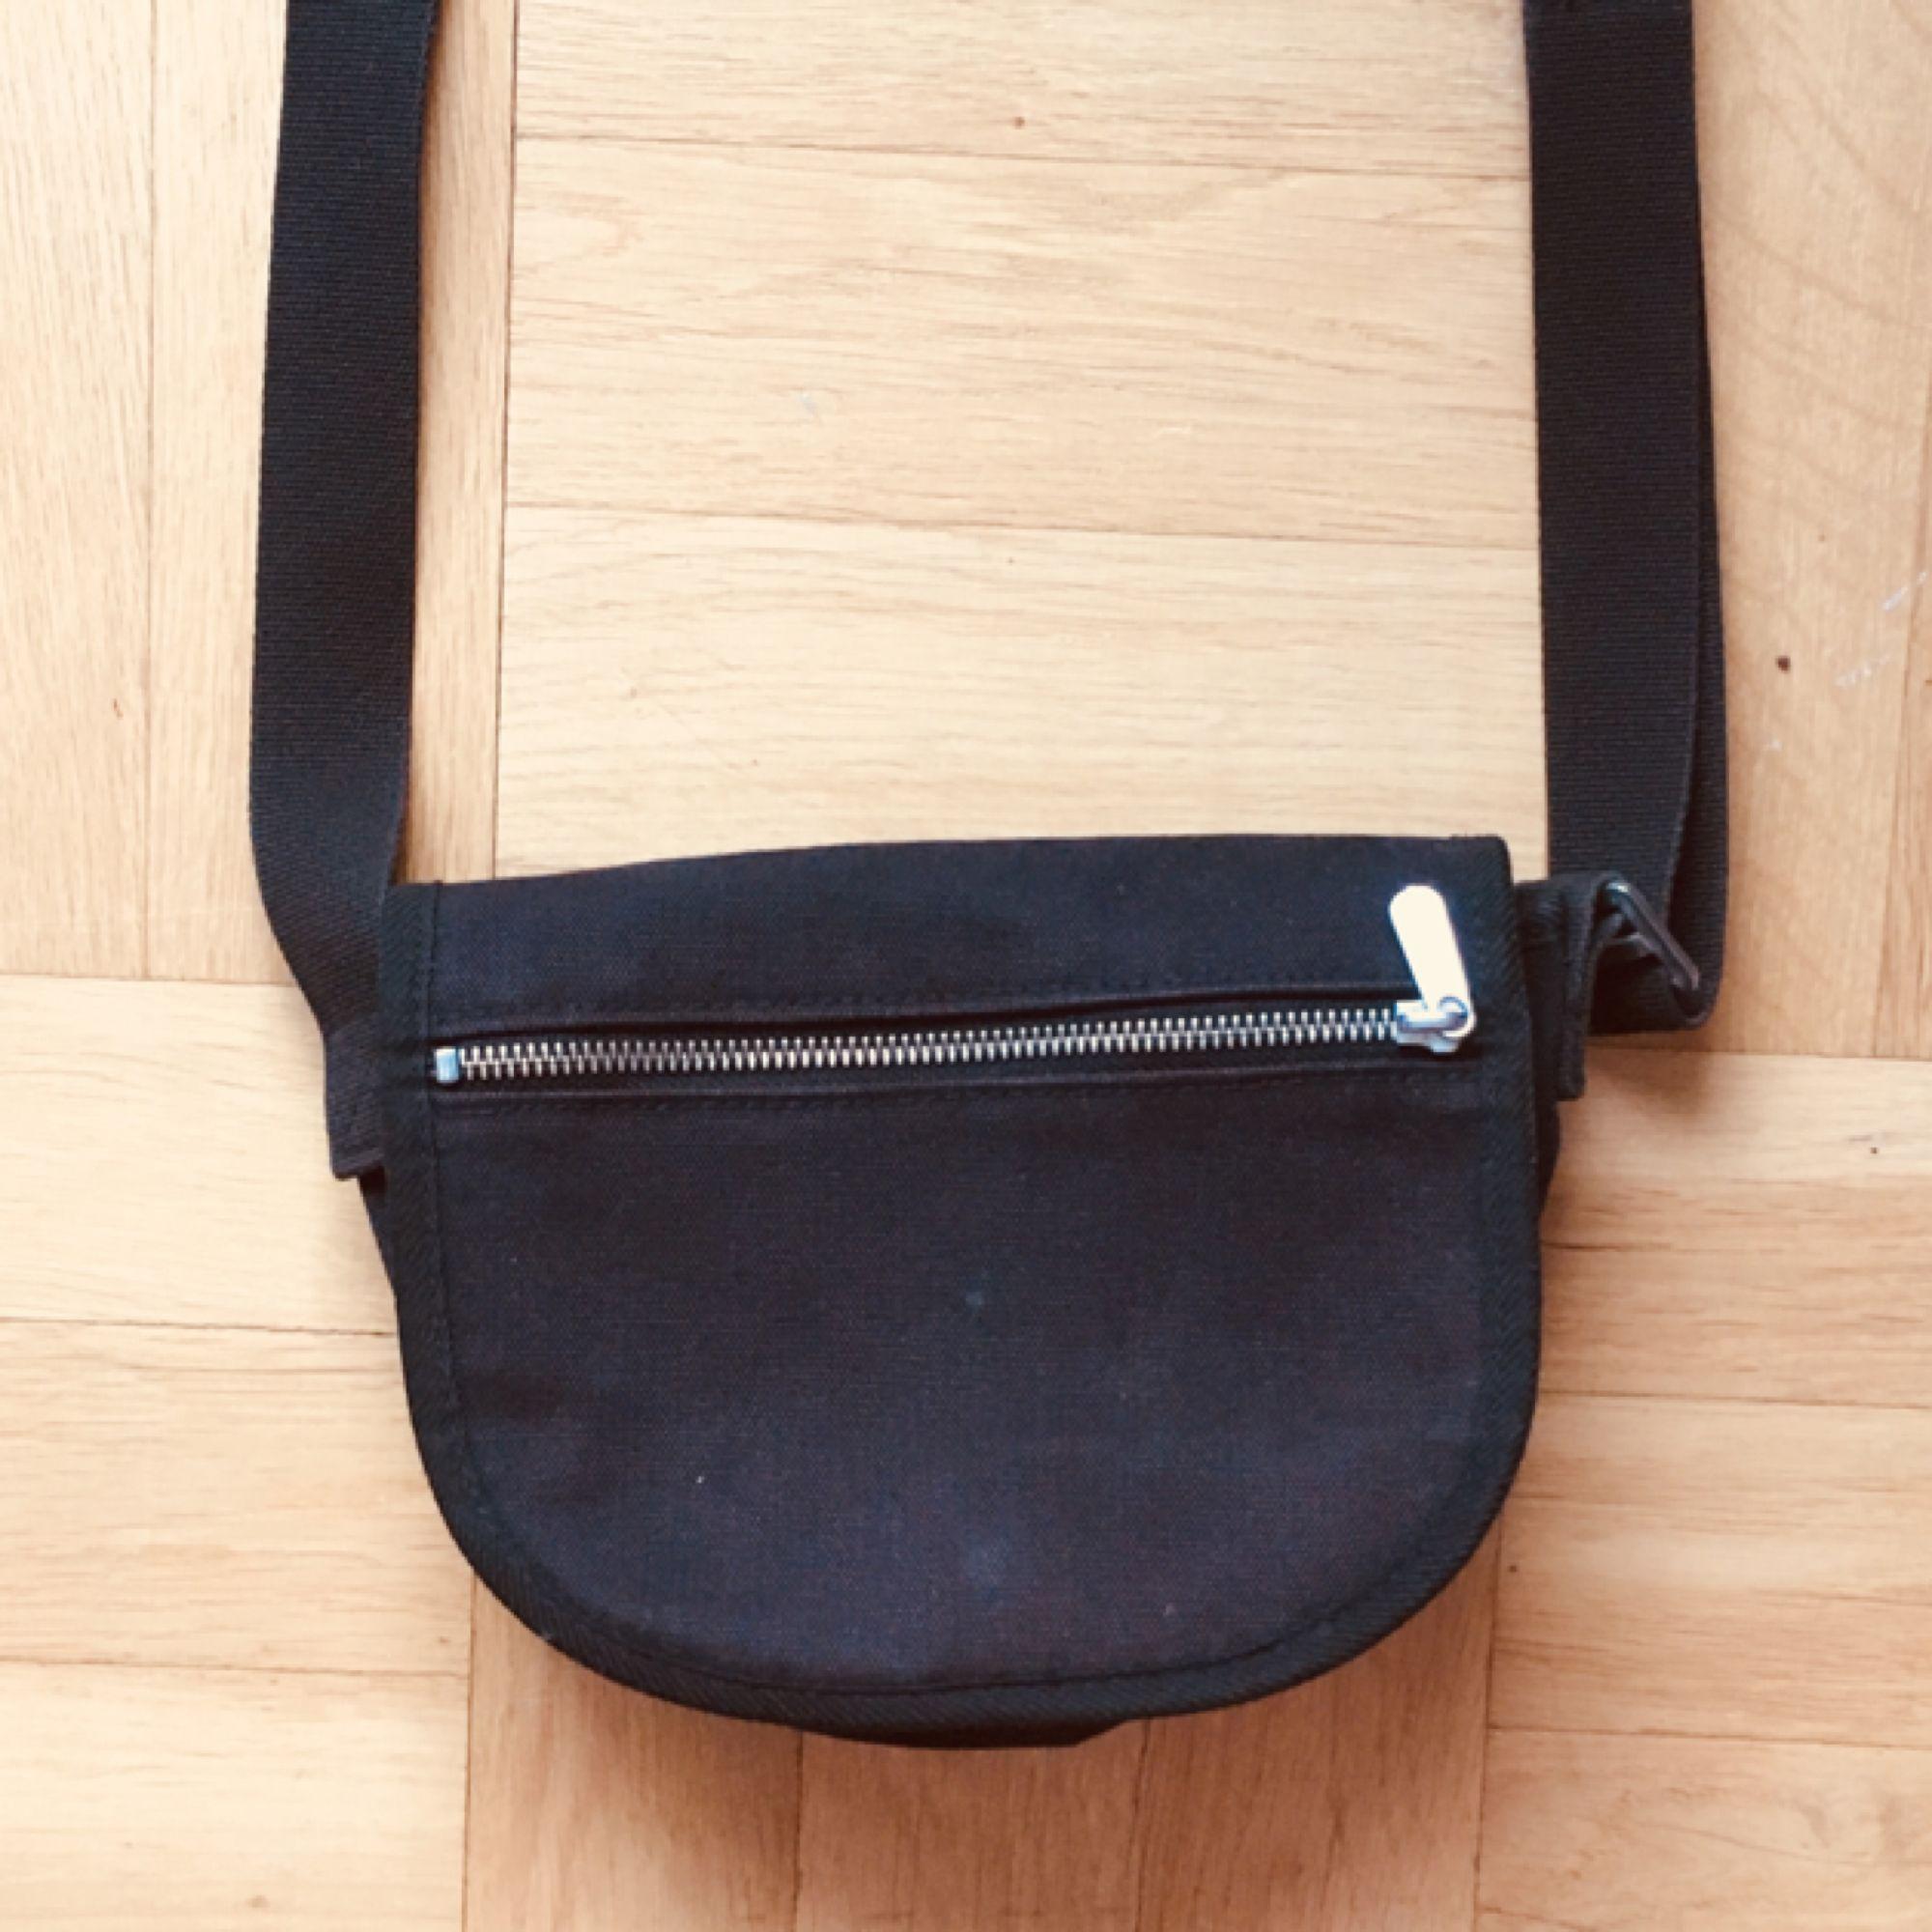 1263fd38afacc Klassische Kerttu Tasche für Marimekko in 100% Baumwolle (Canvas).